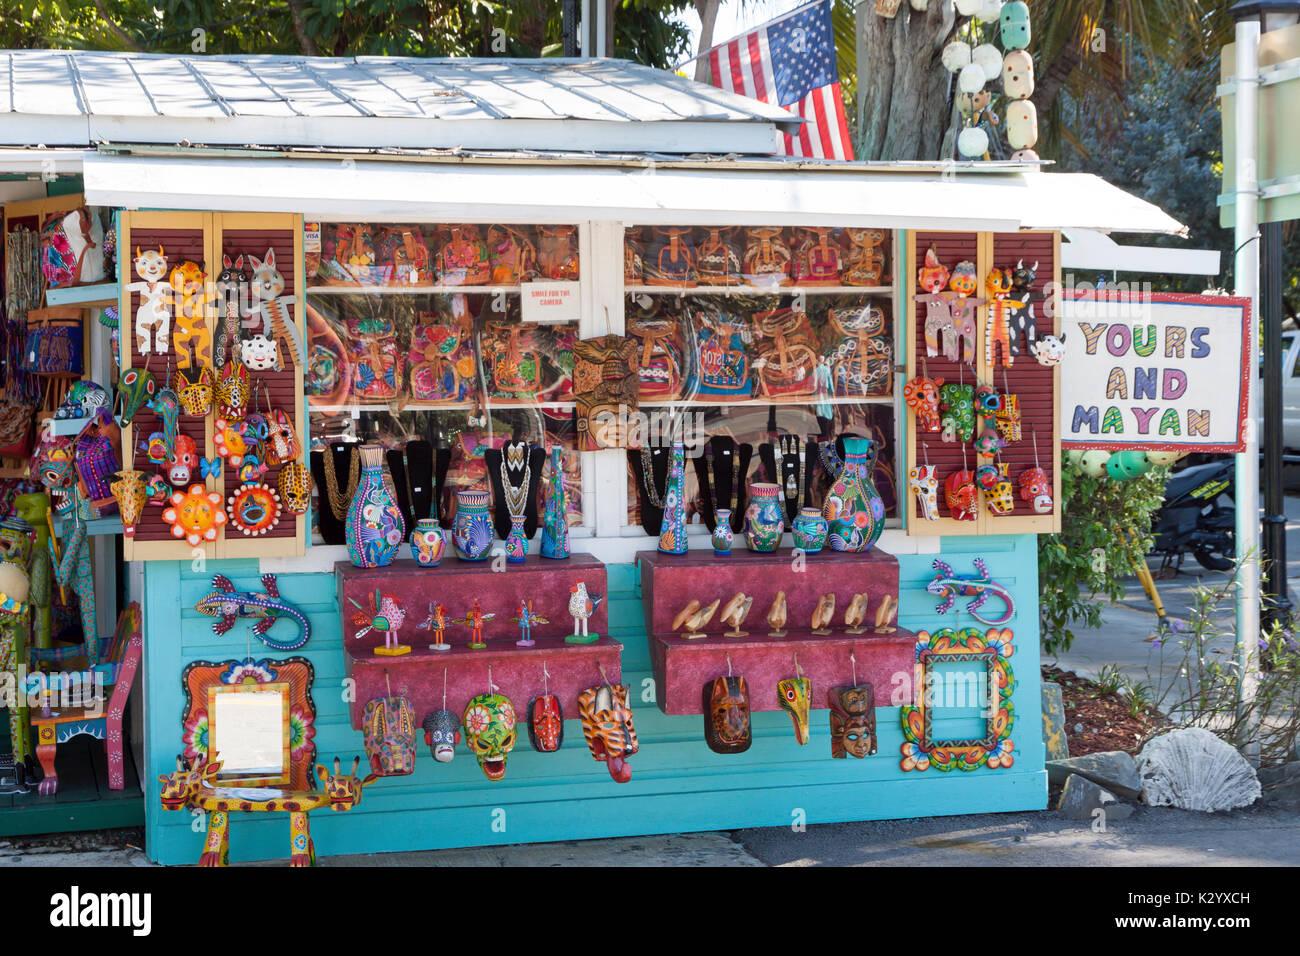 La tua e maya, un negozio di Key West, FL, vende artigianato importato dall America centrale attraverso il commercio equo e solidale, per aiutare le persone ad essere economicamente indipendenti. Immagini Stock